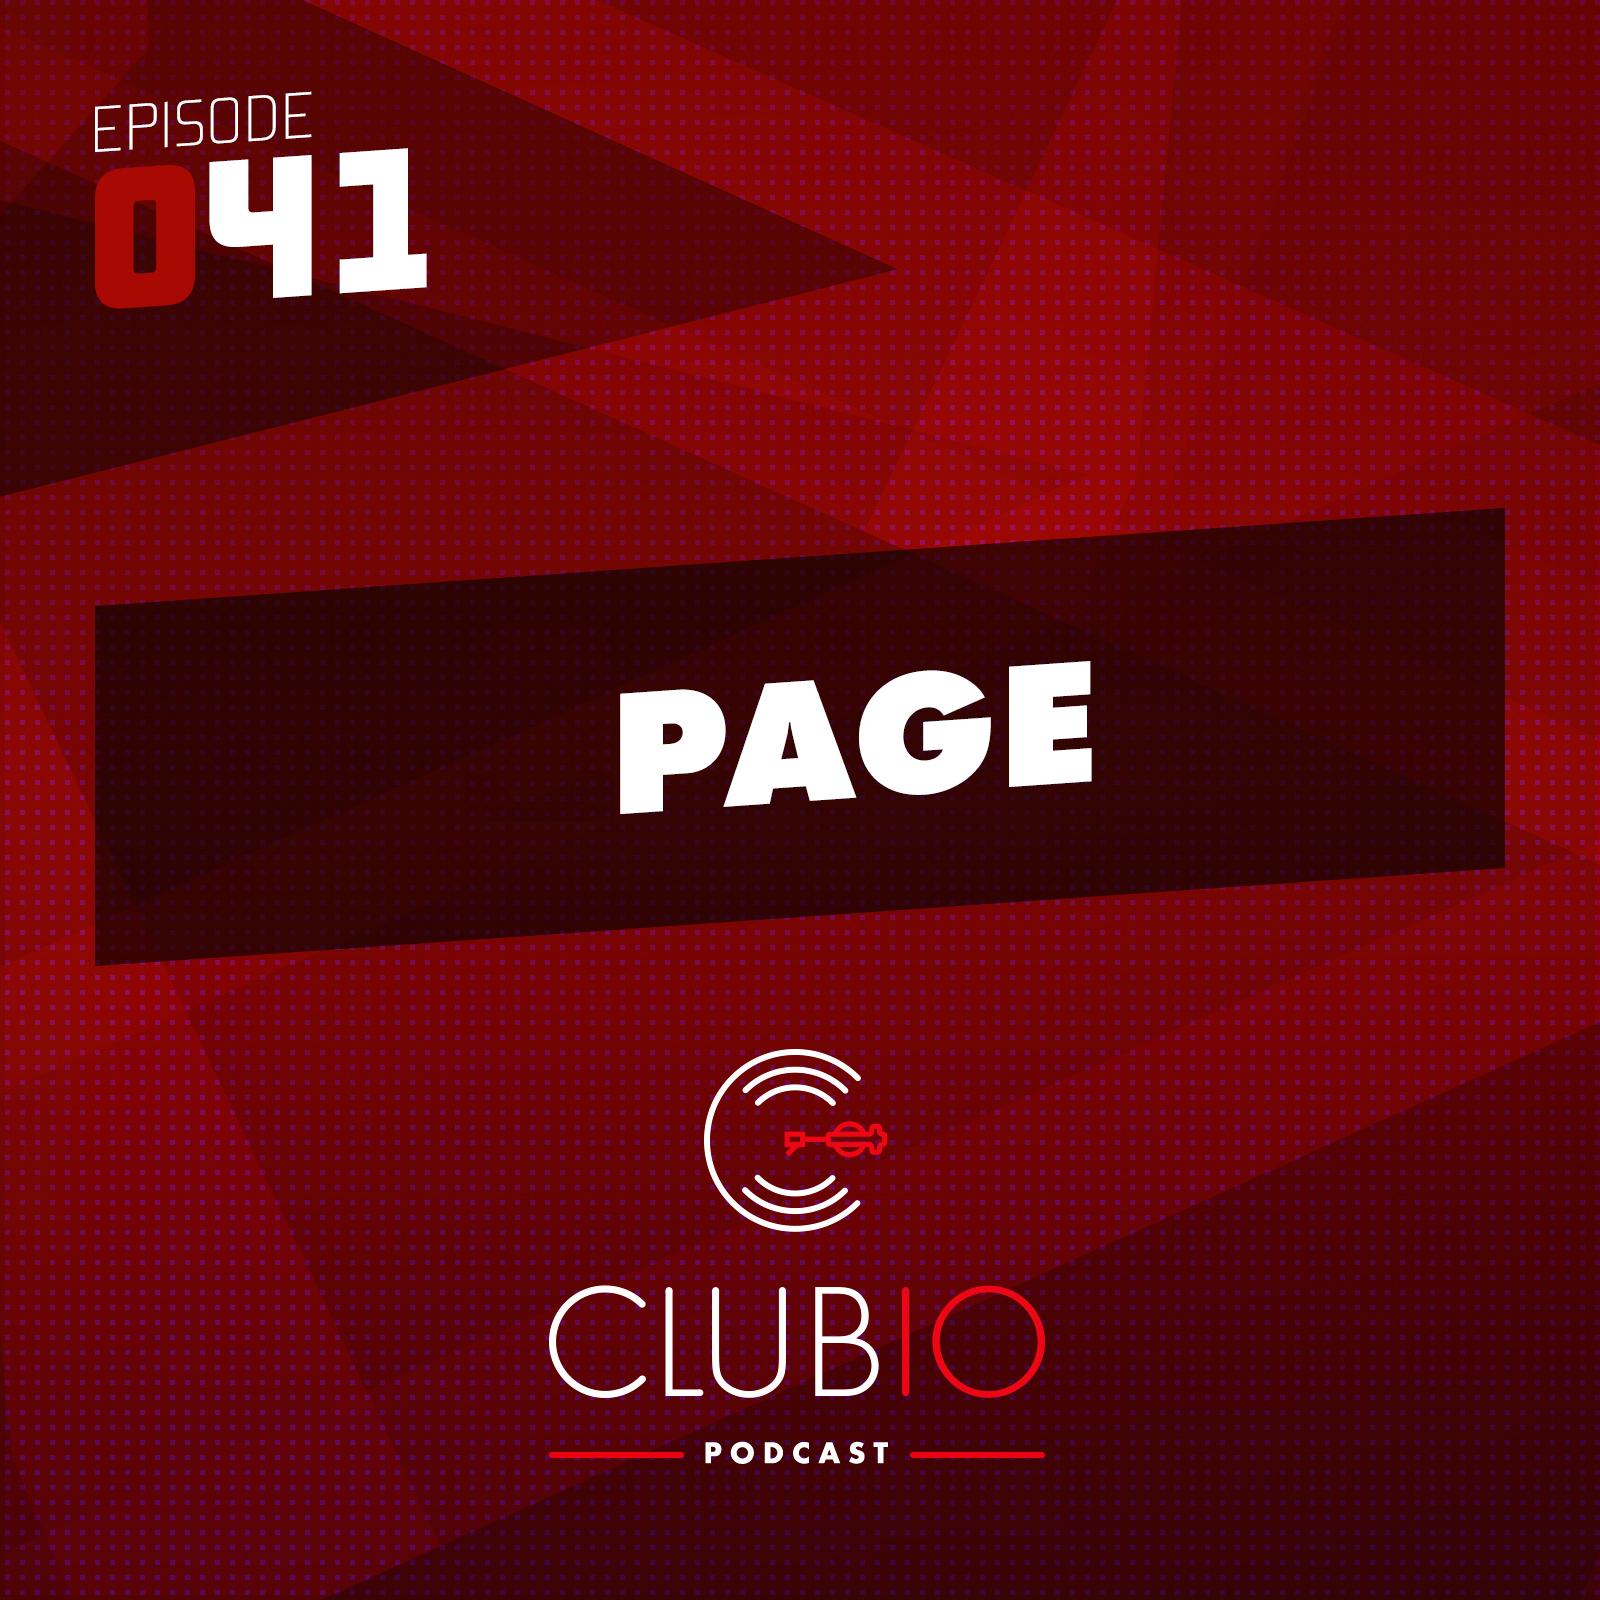 Clubio Podcast 041 - DJ Spage